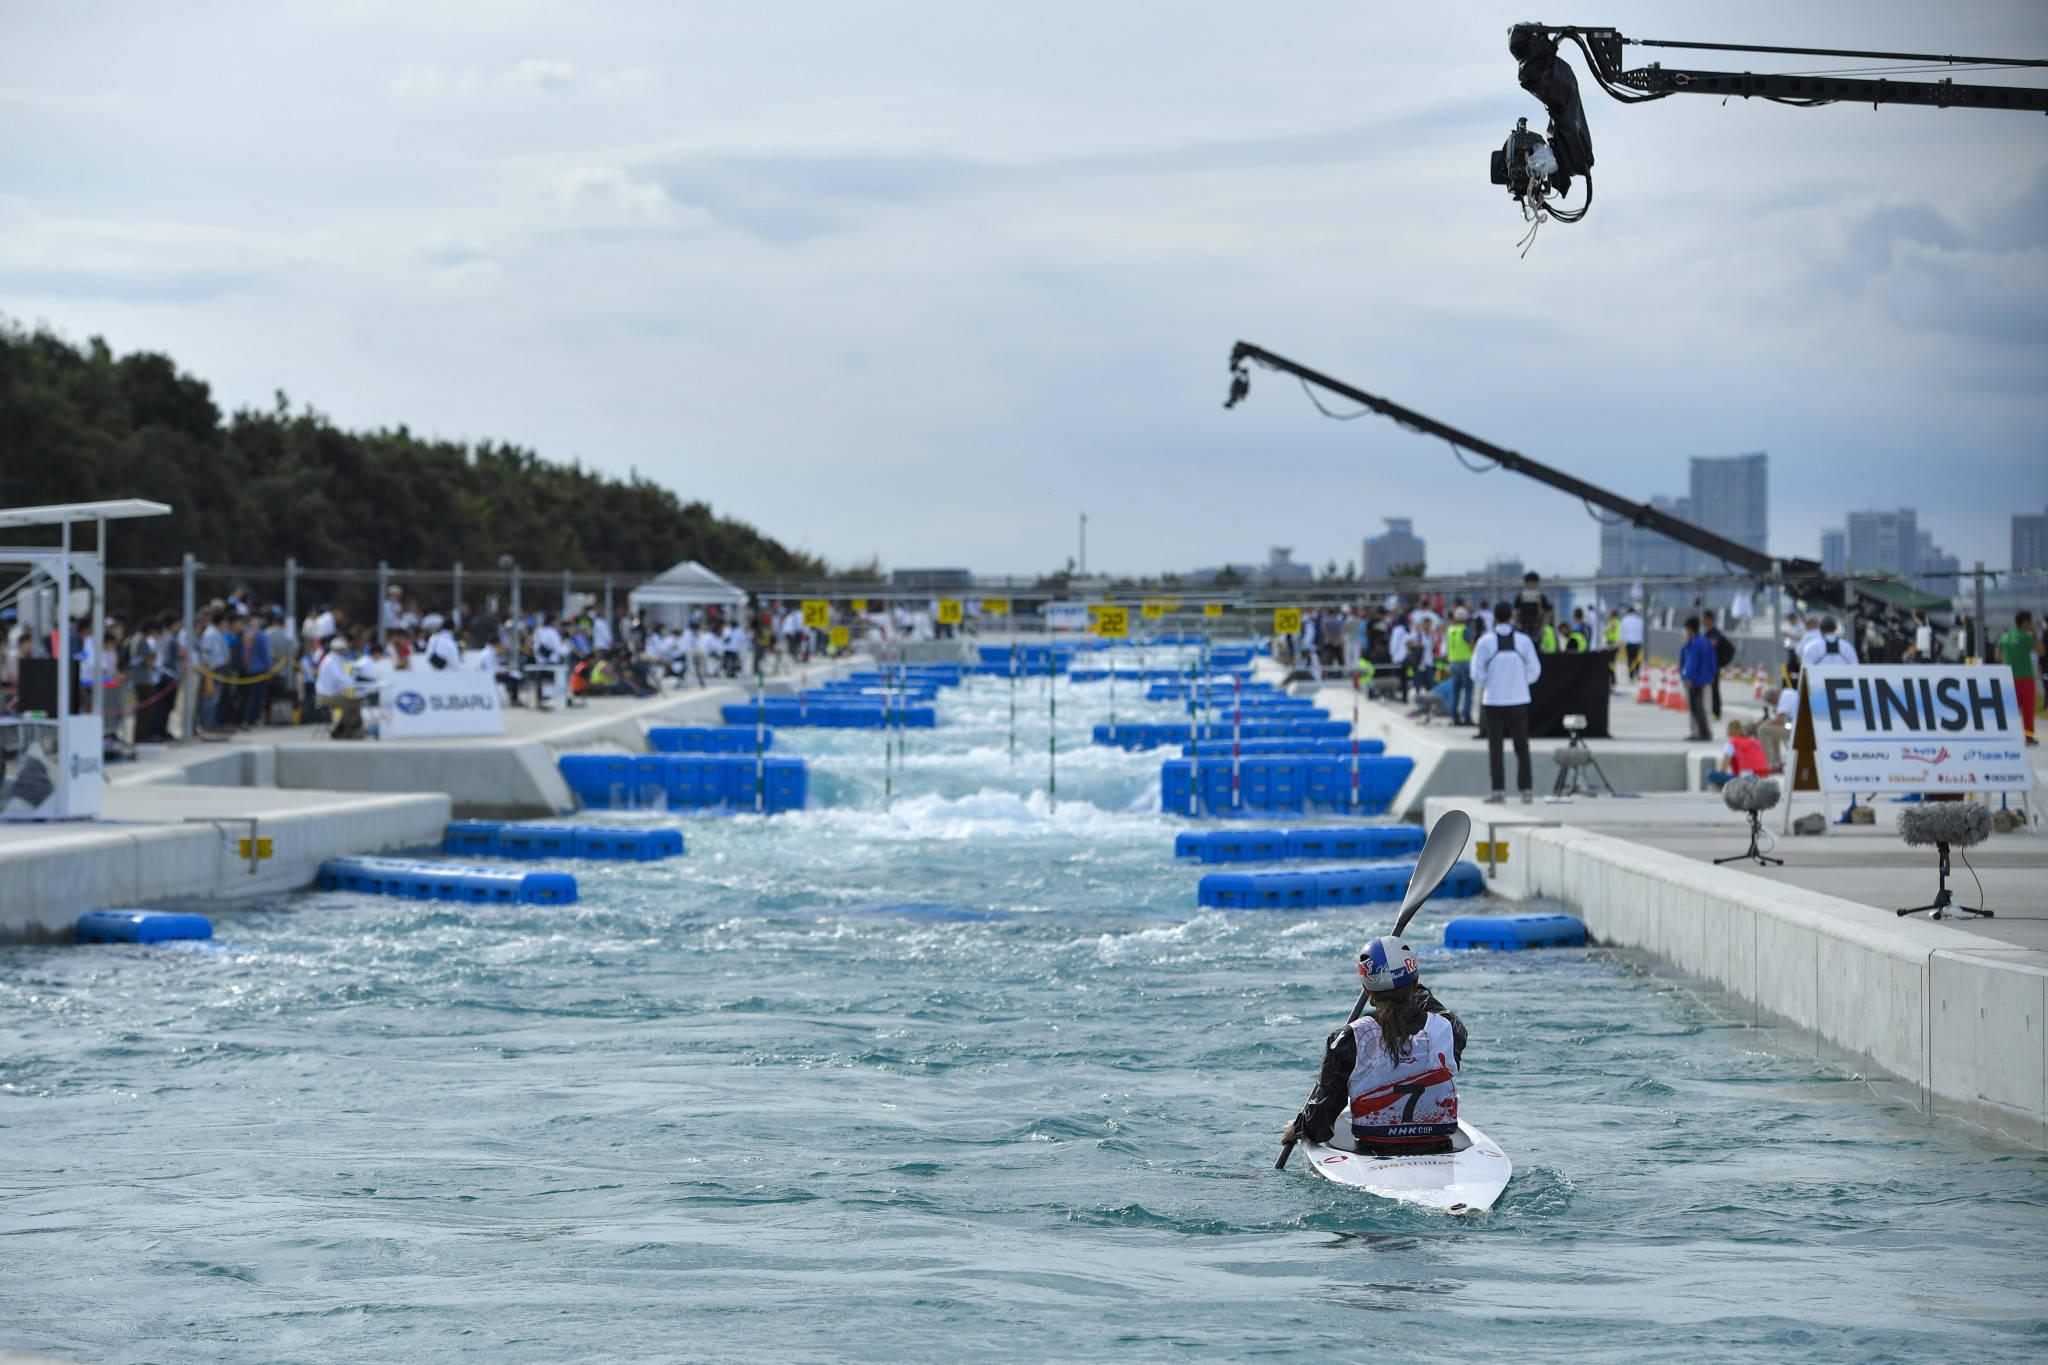 两座东京奥运会比赛场馆开放 运动员可进行训练